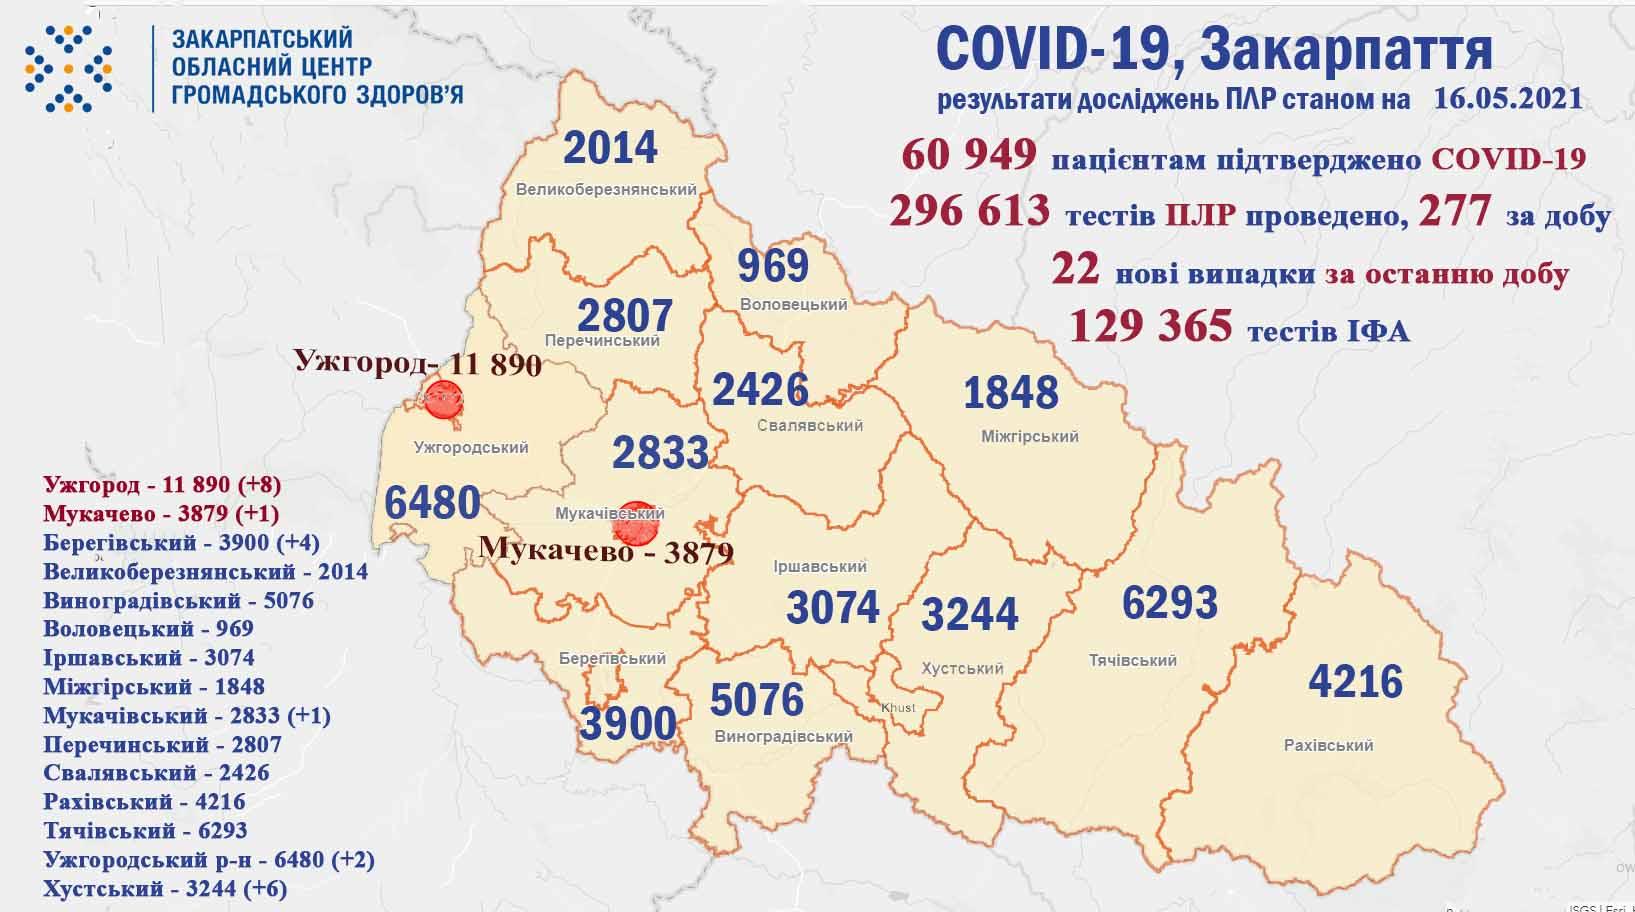 Упродовж минулої доби на Закарпатті виявлено 22 випадки COVID-19